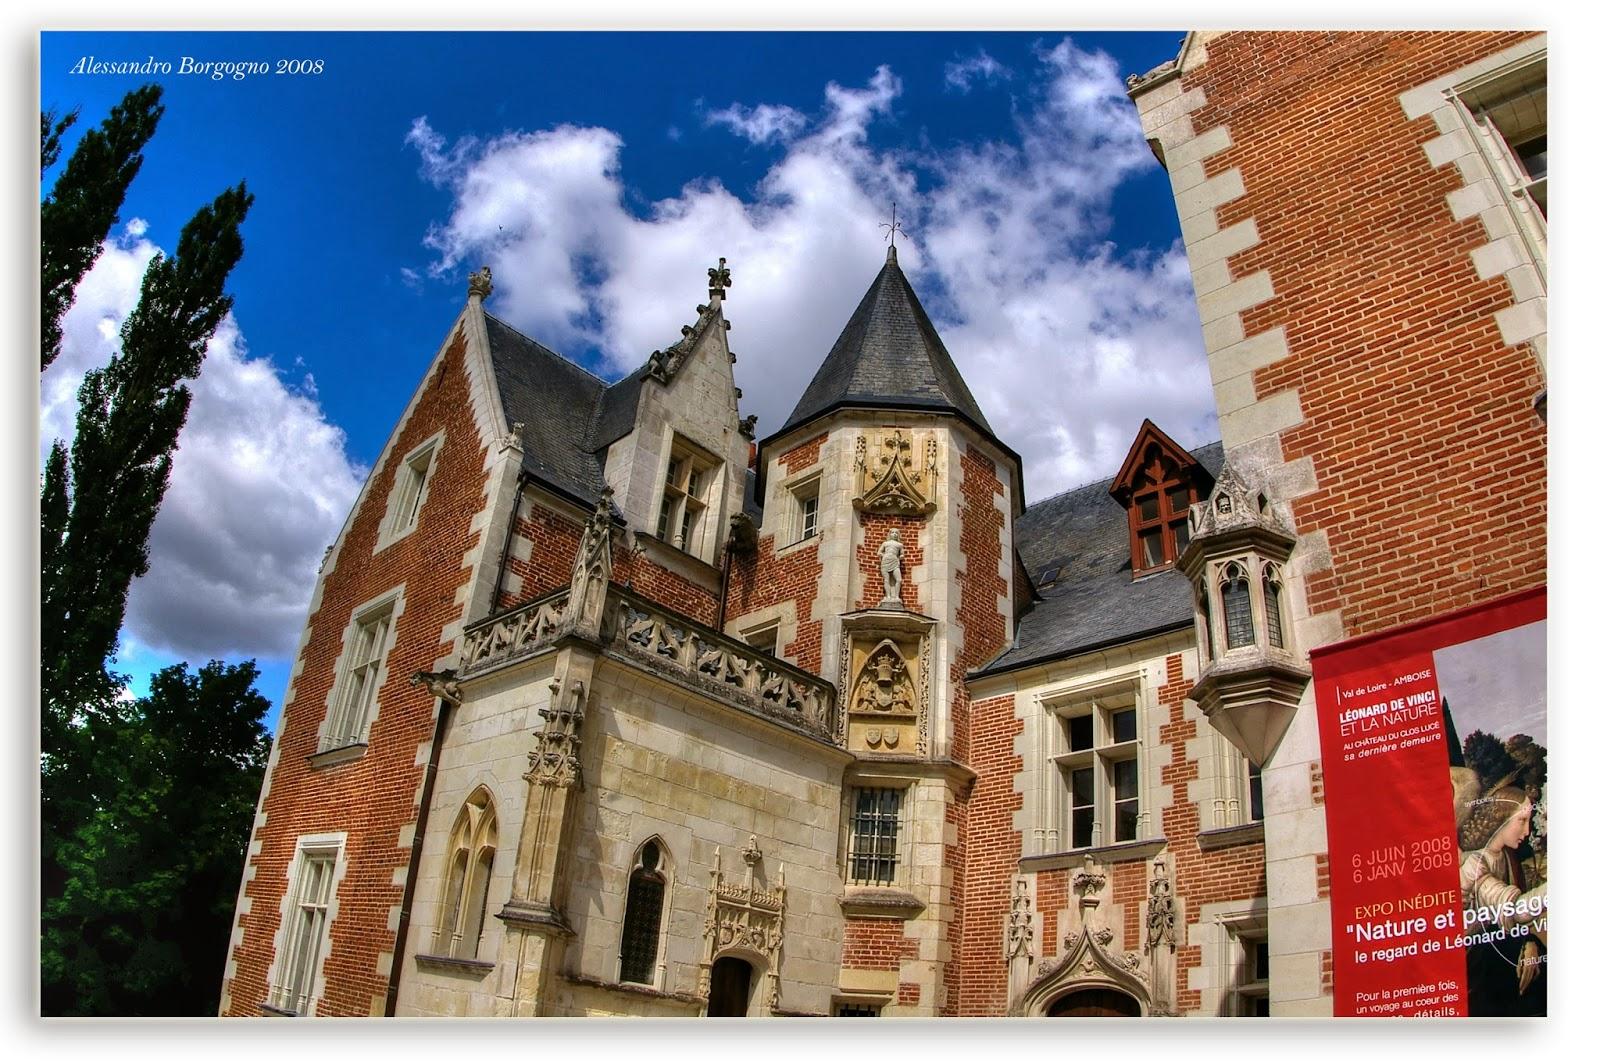 Le Cloux-Lucè - Amboise